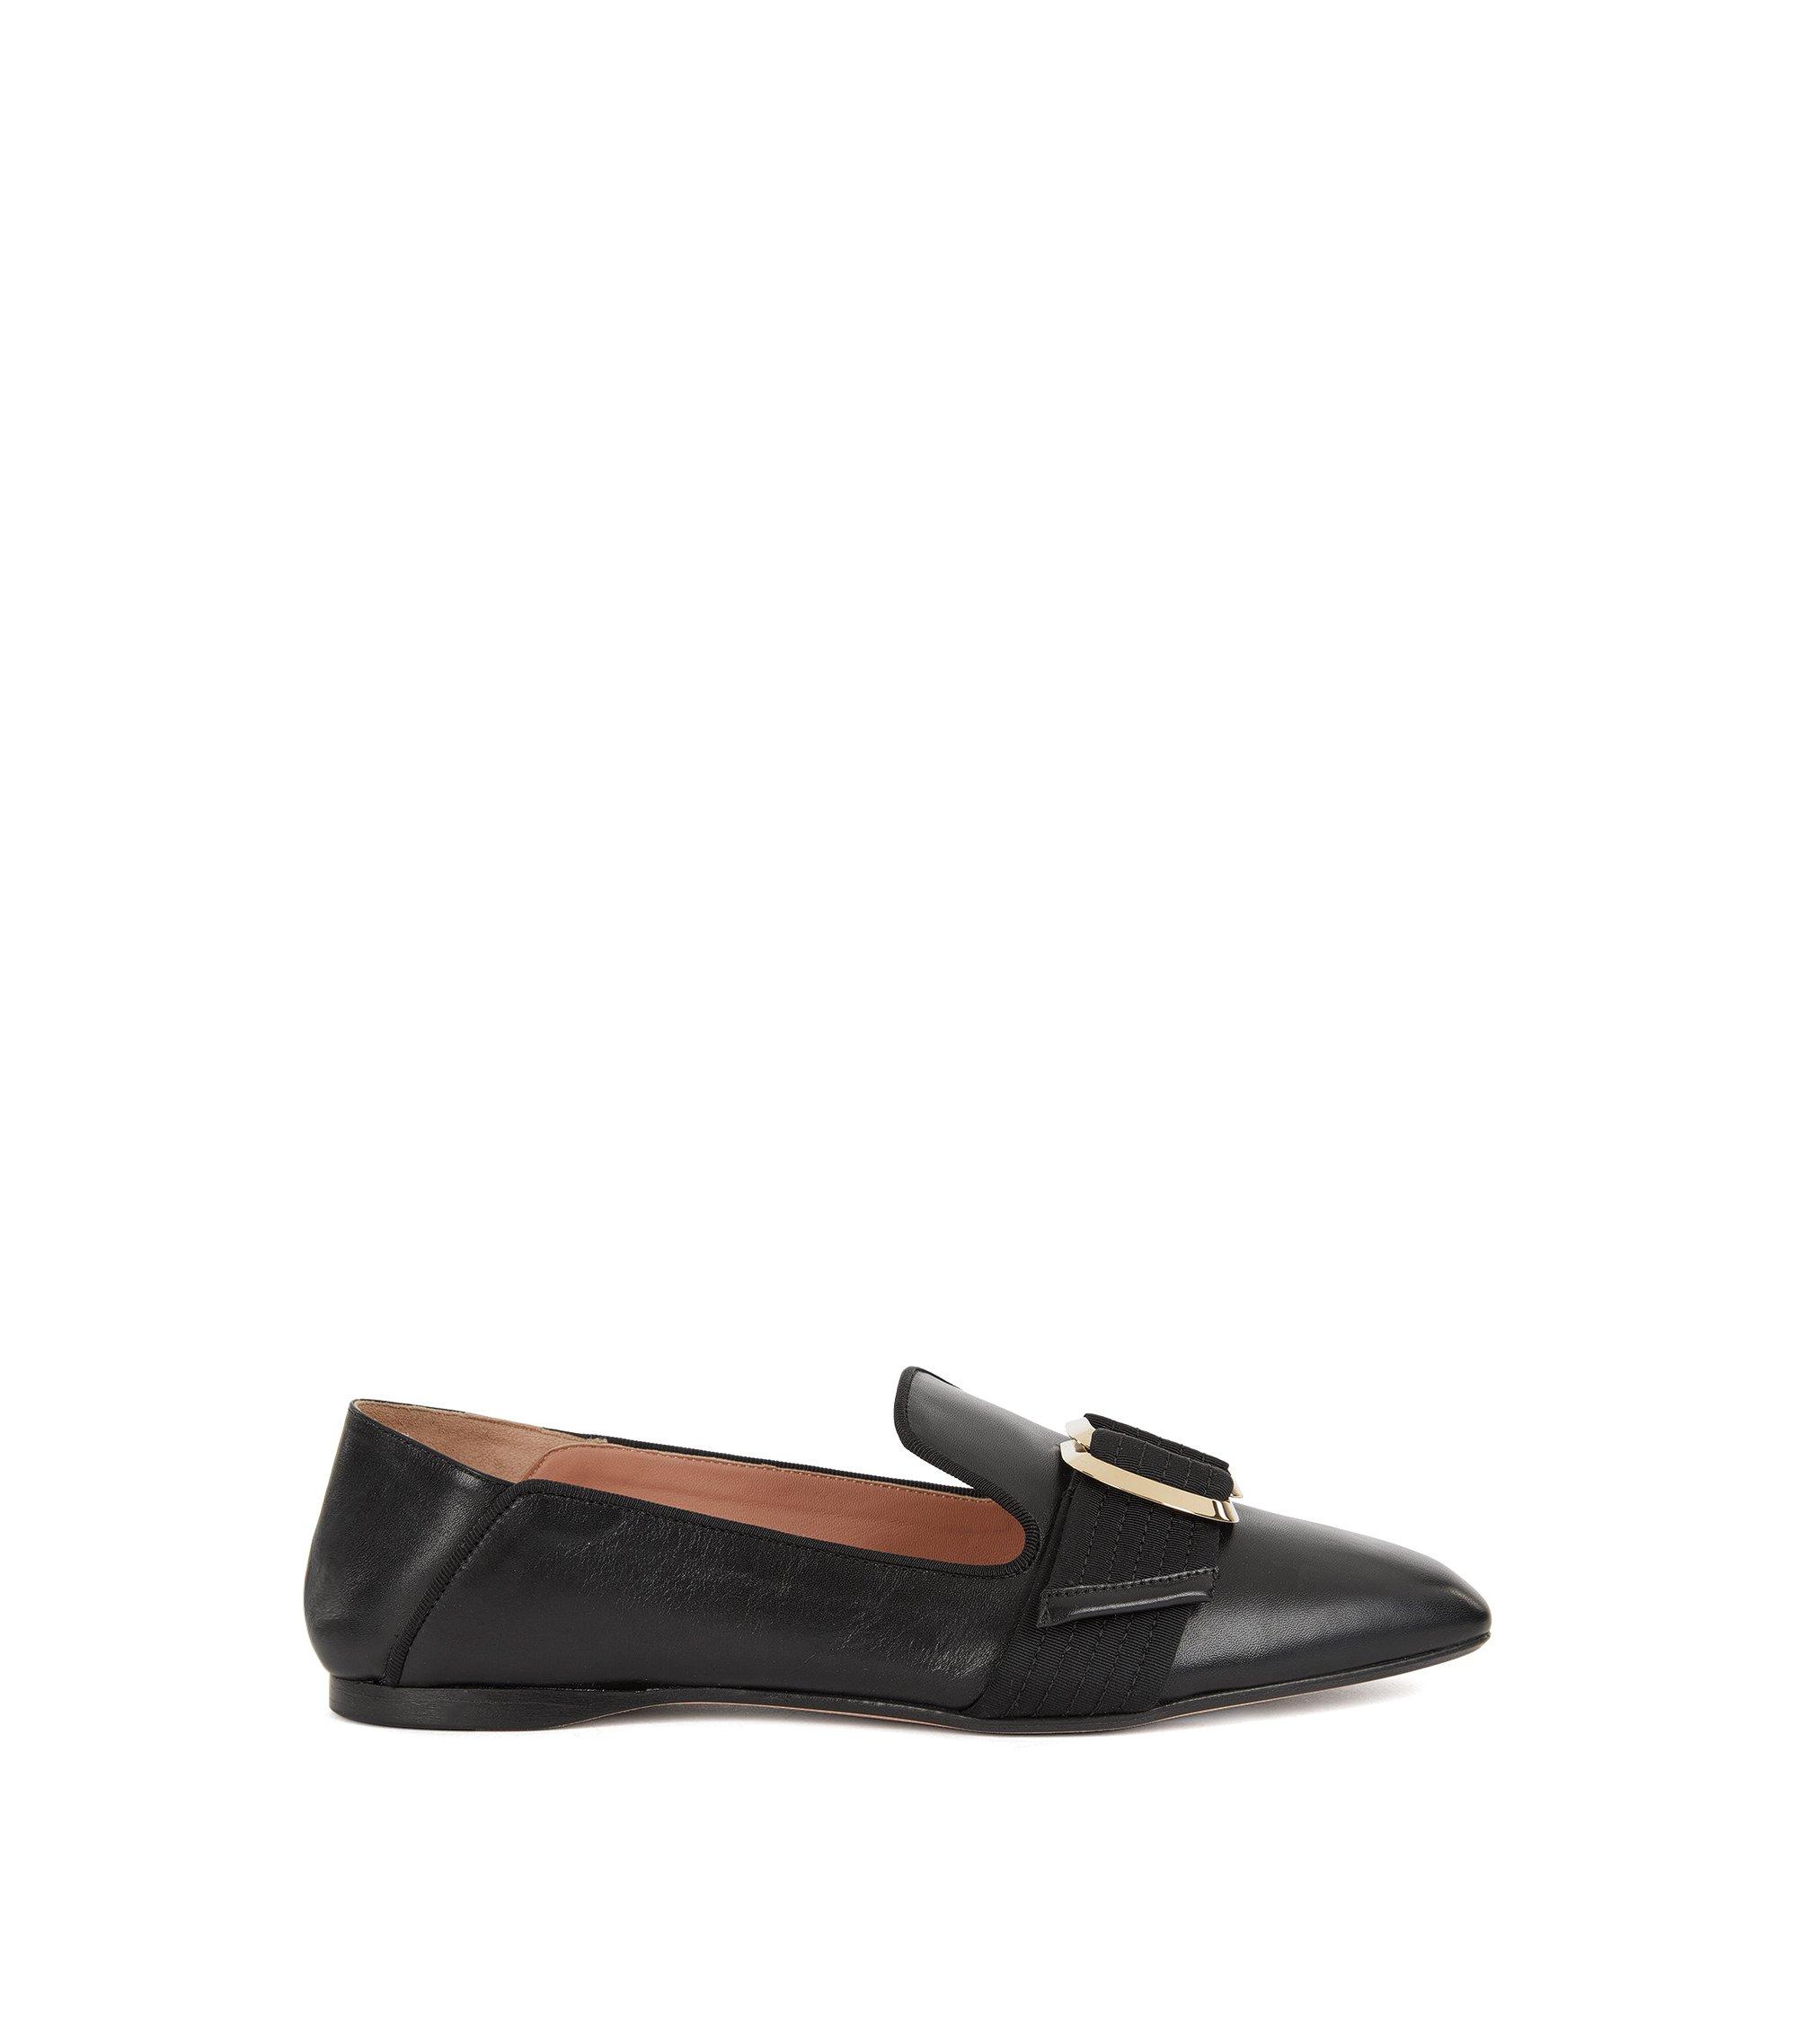 Leren loafers met dubbele ringdecoratie, Zwart